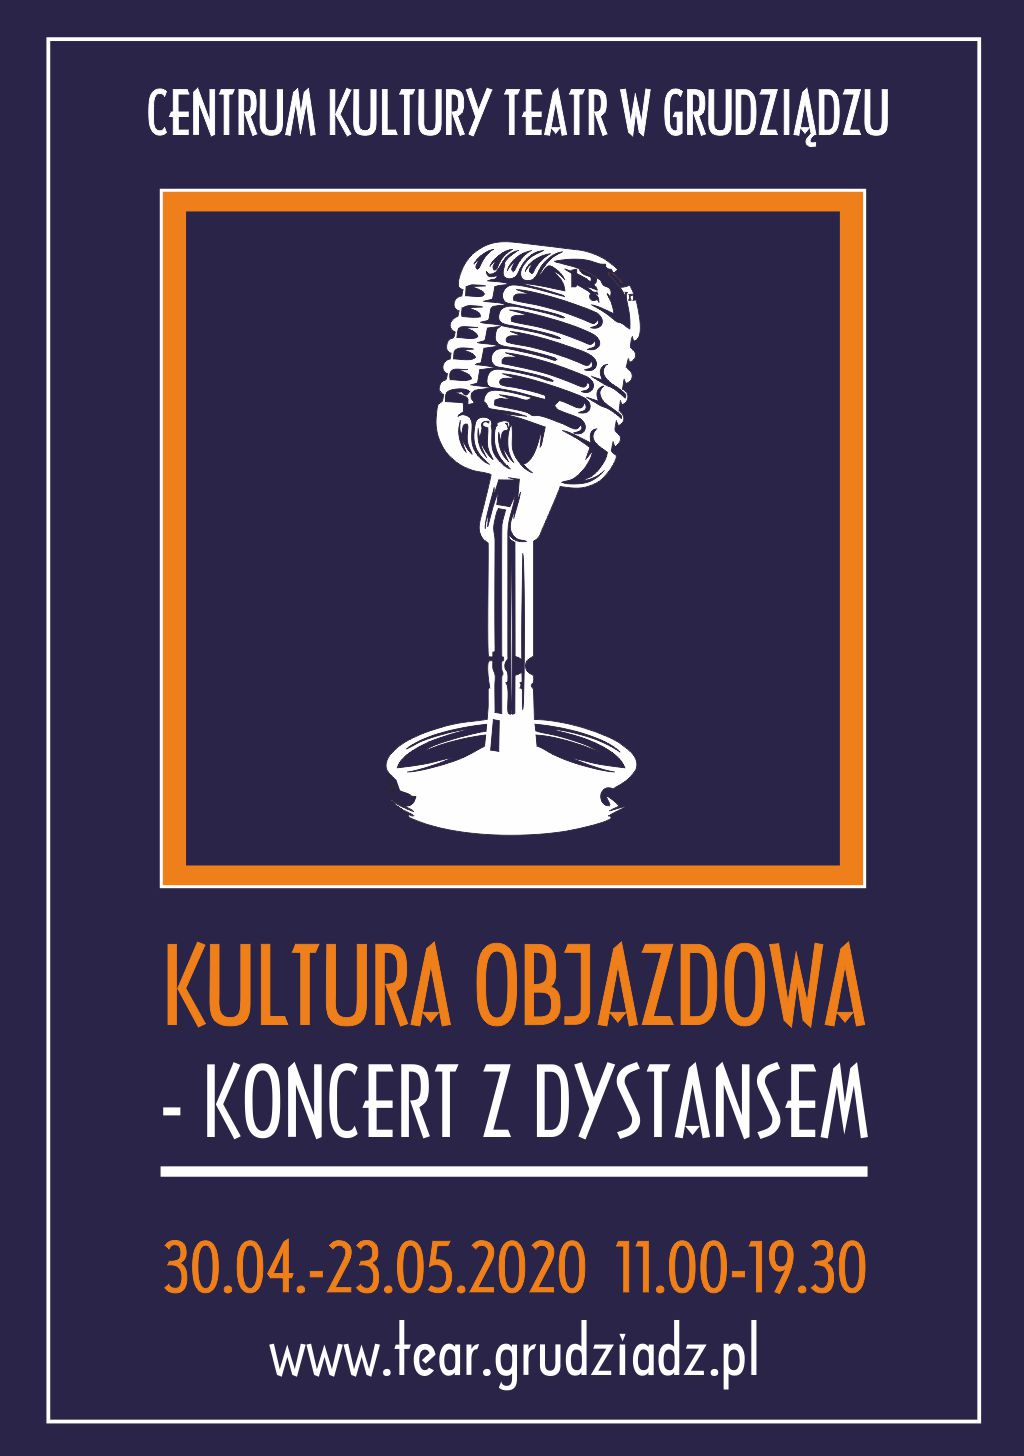 ZBYSZEK-3 (2)